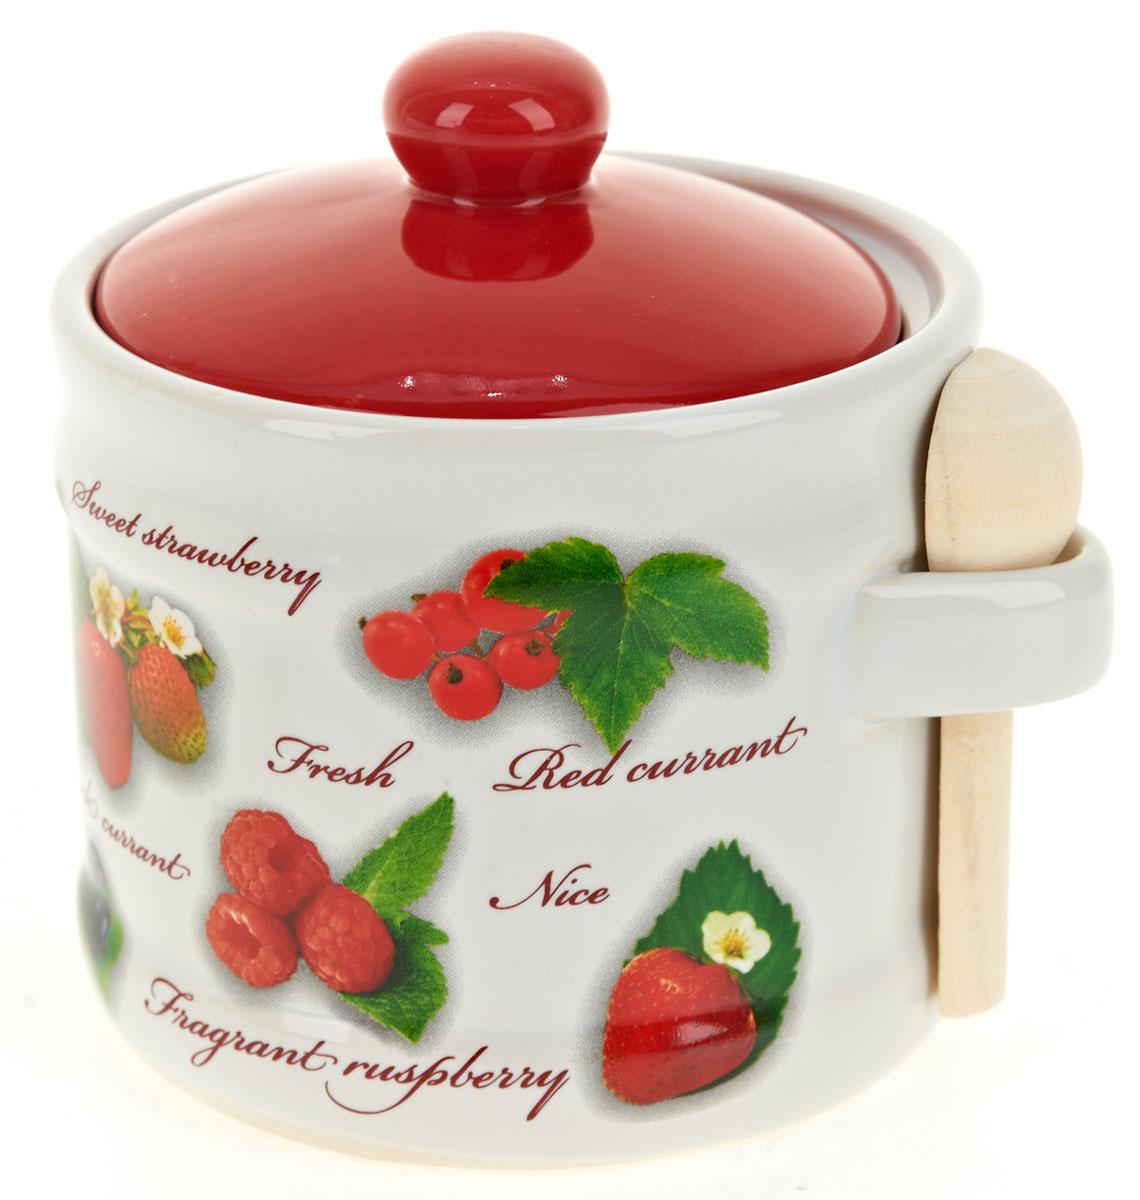 Банка для сыпучих продуктов Polystar Садовая ягода, с ложкойL2520269Банка для сыпучих продуктов изготовлена из прочной доломитовой керамики, с деревянной ложечкой. Изделие оформлено красочным изображением. Банка прекрасно подойдет для хранения различных сыпучих продуктов: чая, кофе, сахара, круп и многого другого. Изящная емкость не только поможет хранить разнообразные сыпучие продукты, но и стильно дополнит интерьер кухни. Изделие подходит для использования в посудомоечной машине.